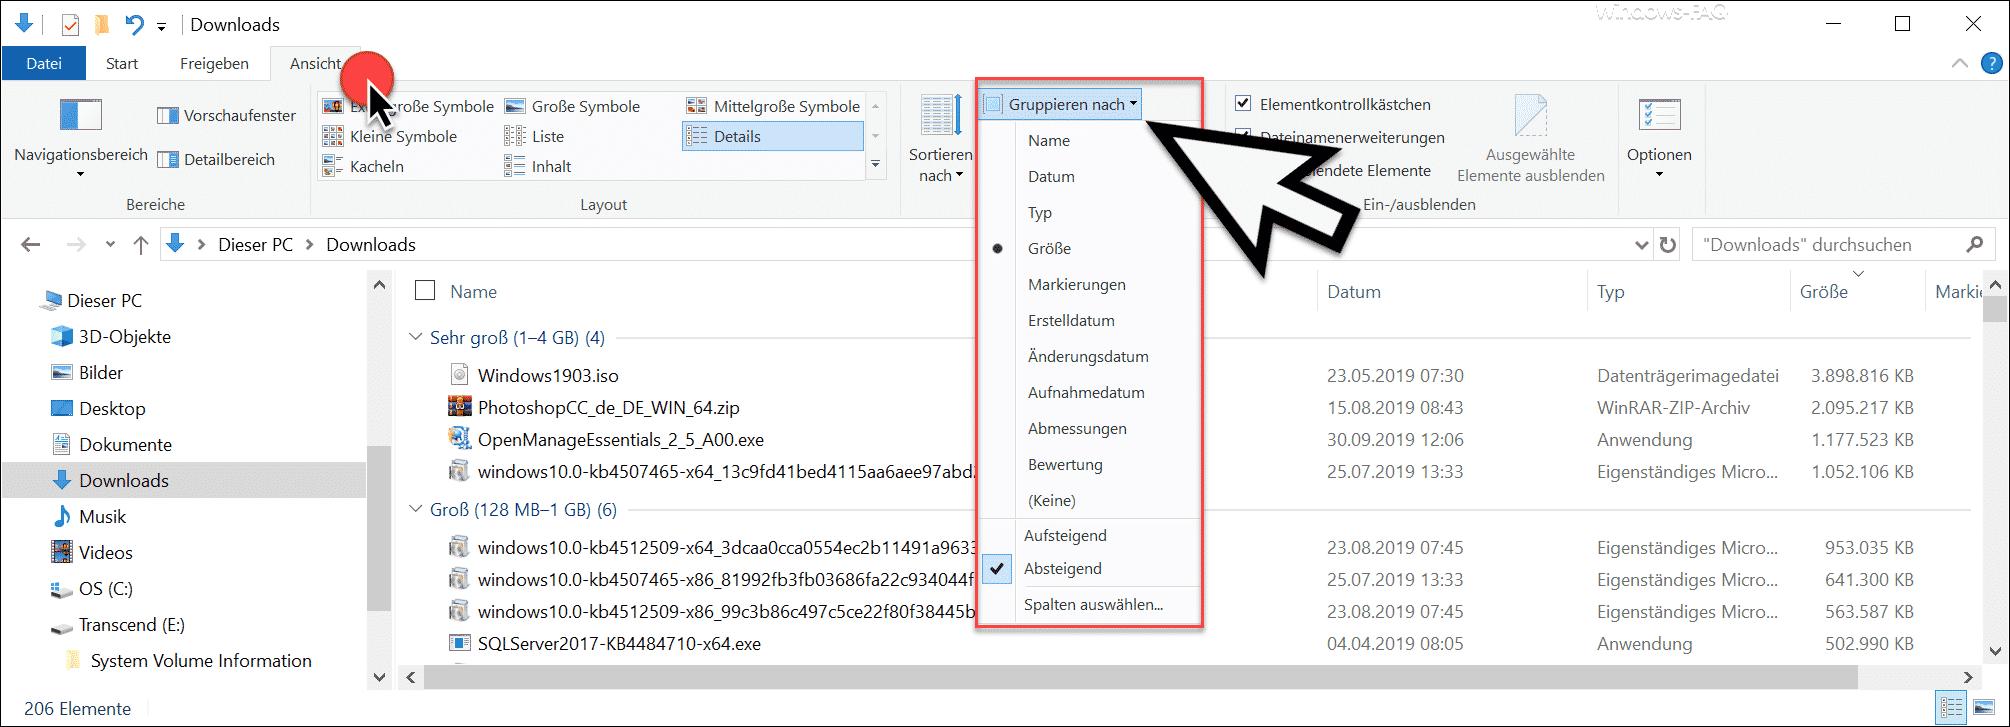 Gruppieren nach - Windows Explorer